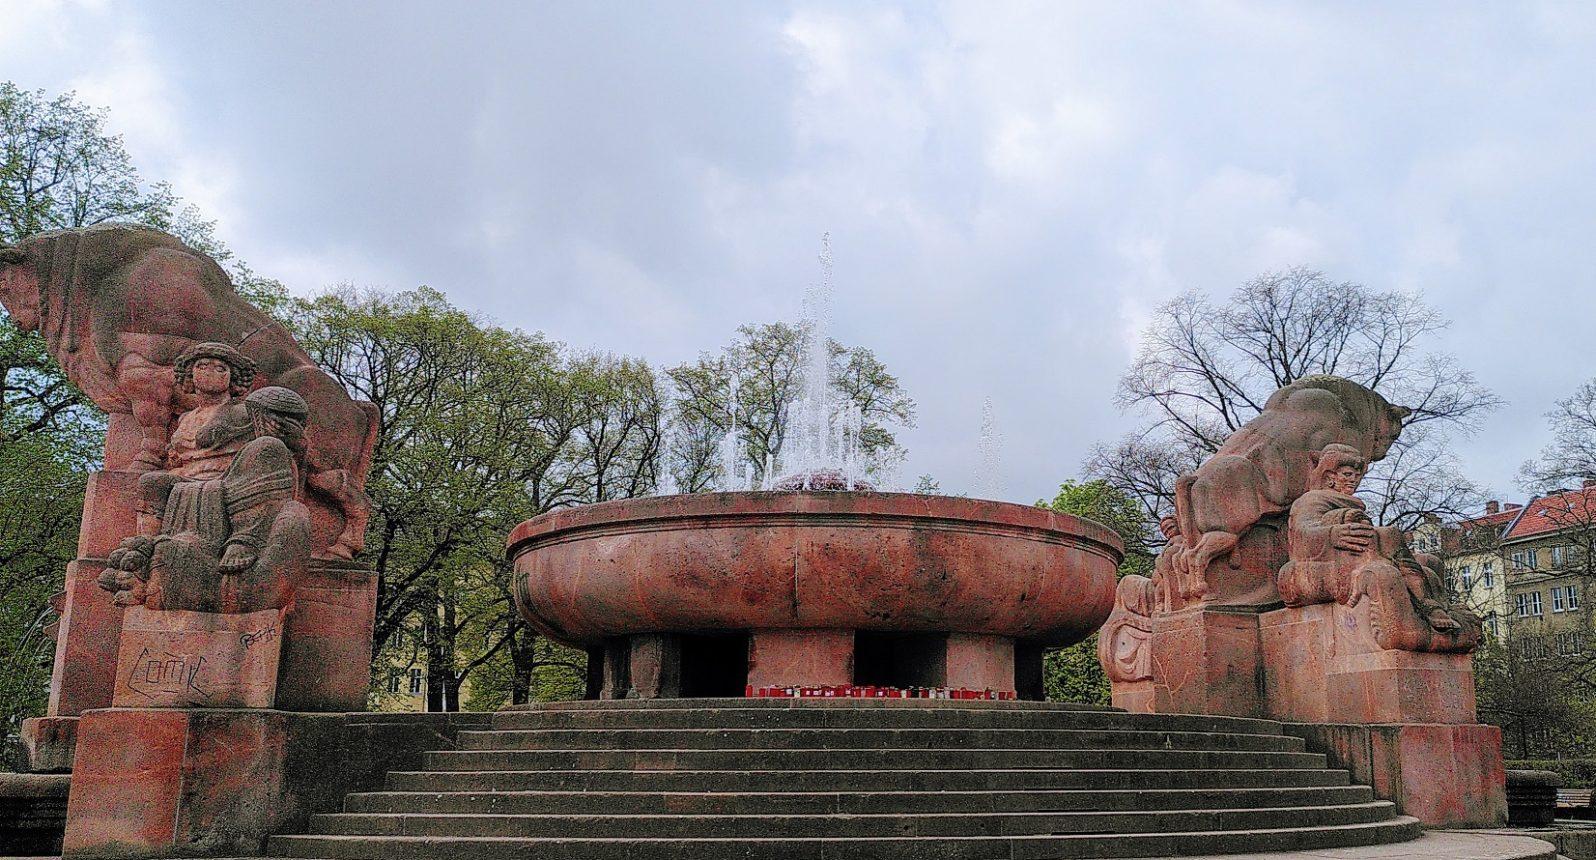 Der rote Stierbrunnen mit Brunnenschale und zwei Stierfiguren in der Frontalansicht.